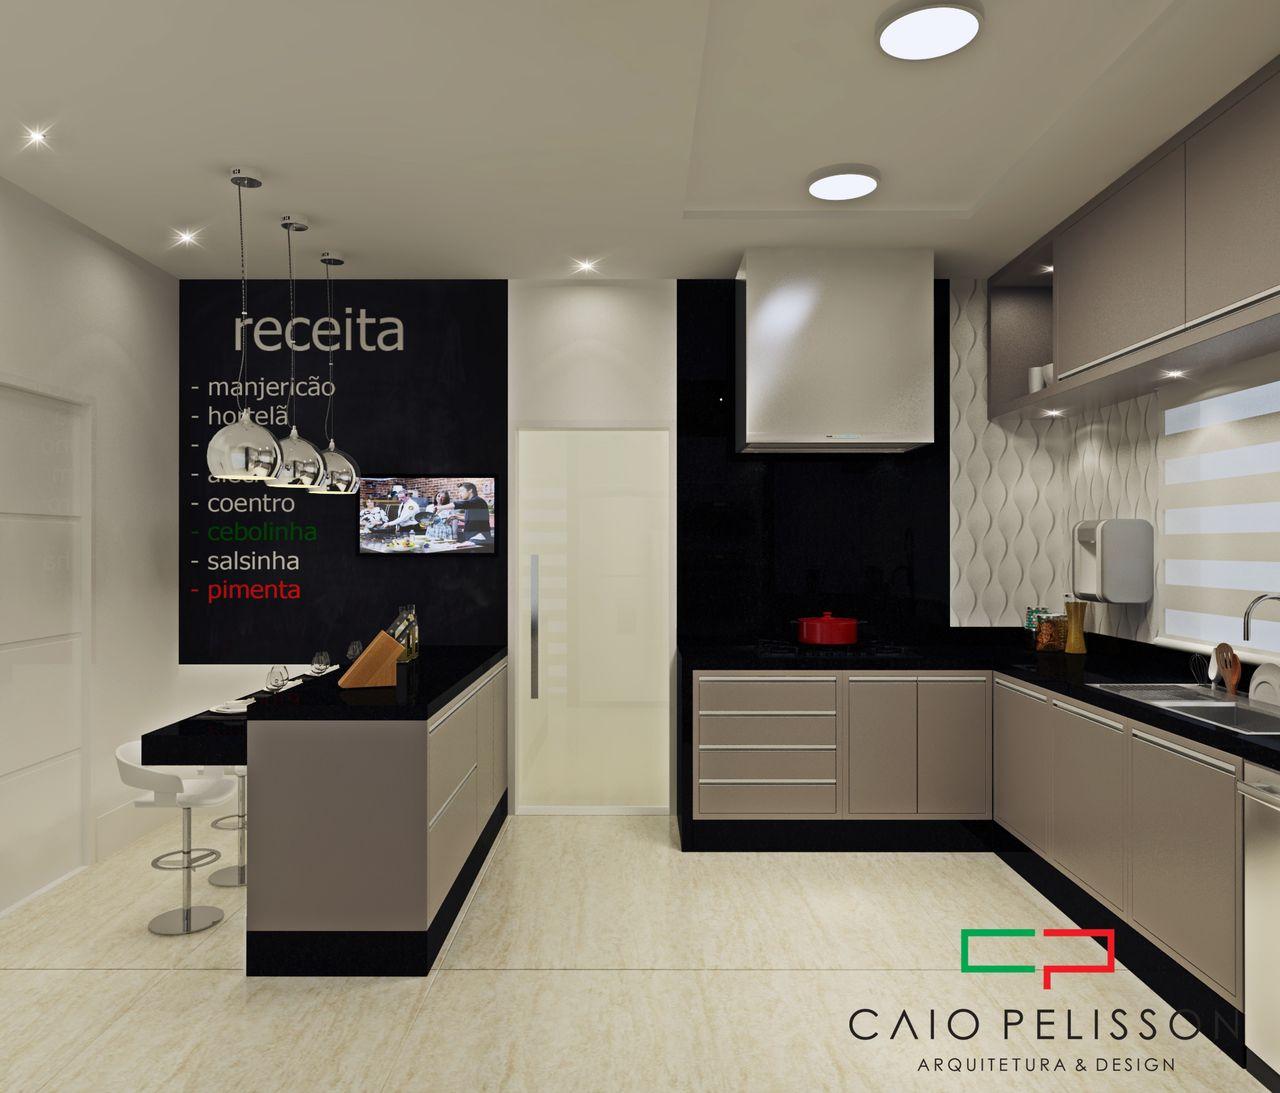 Arm Rios Cinza E Parede Preta De Arquiteto Caio Pelisson 163091 No